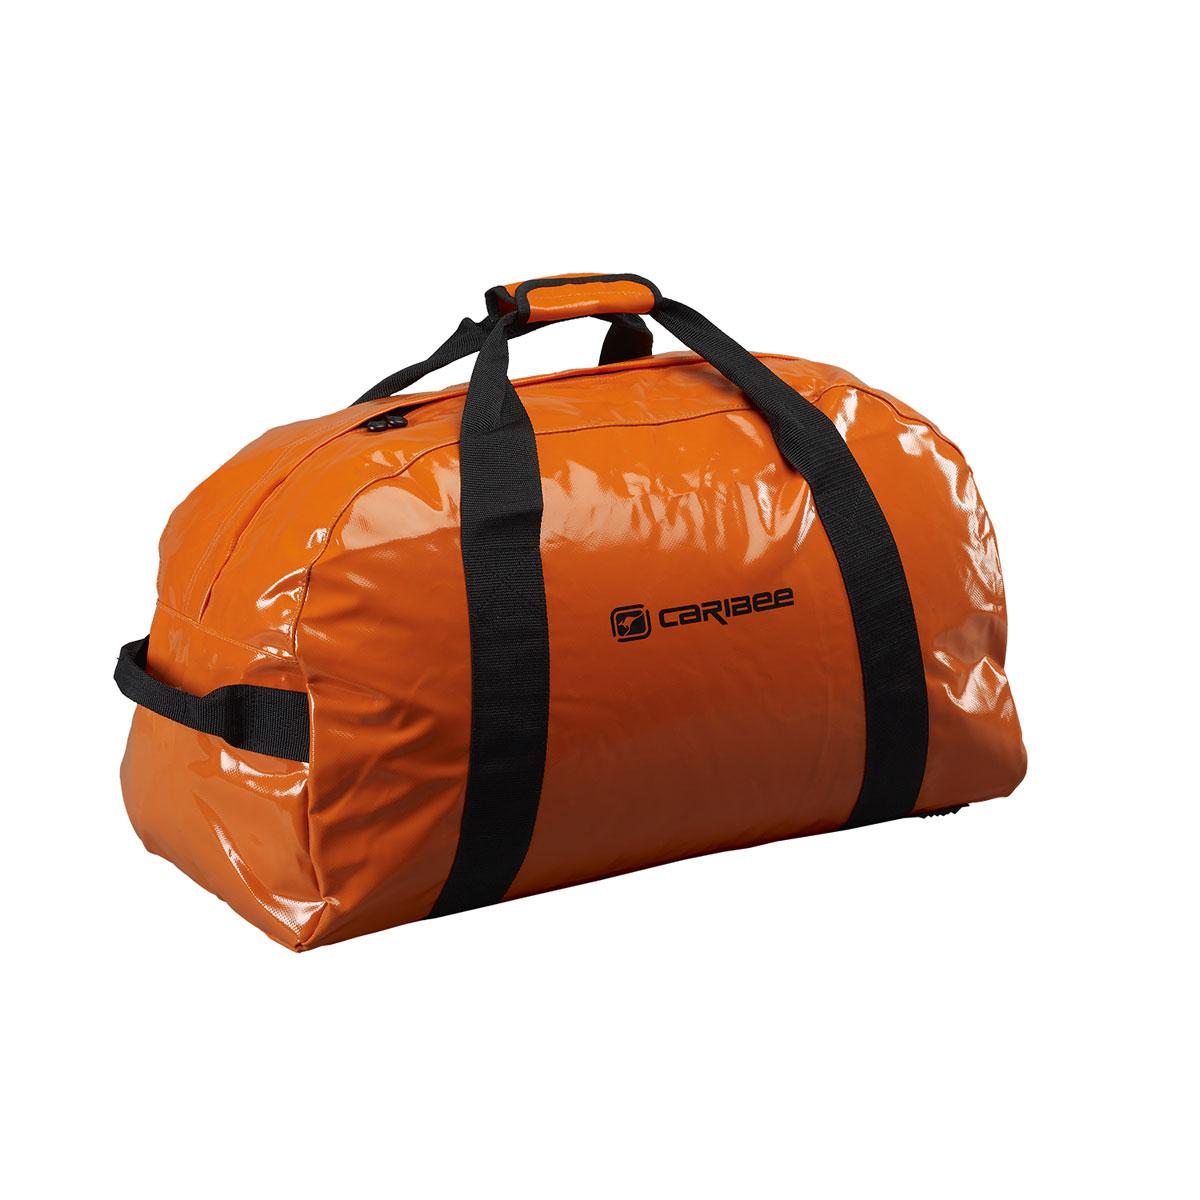 Сумка спортивная Caribee Zambezi, цвет: оранжевый, 65 л57222Сумки для снаряжения от Caribee это стильный дизайн, легкий вес и большая вместительность! Как и все сумки Caribee, этот модельный ряд был разработан с учетом привлекательного вида, практичной функциональности и прочной конструкции. Будьте уверены, что вы доберётесь до места назначения и ваш багаж будет в полной сохранности! Собираясь в поход с нашими сумками, вы можете позволить себе взять все необходимые вещи, и там еще останется достаточно места что бы уместить парашют ;) Сумка из материала, устойчивого к промоканию даже в штормовую погоду; Устойчивые к воде молнии; Ручки вшиты по всей окружности корпуса сумки, для дополнительной прочности; Дополнительные удобные ручки с торцов сумки для переноски. Объем: 65 л Размер: 65*32*32 см